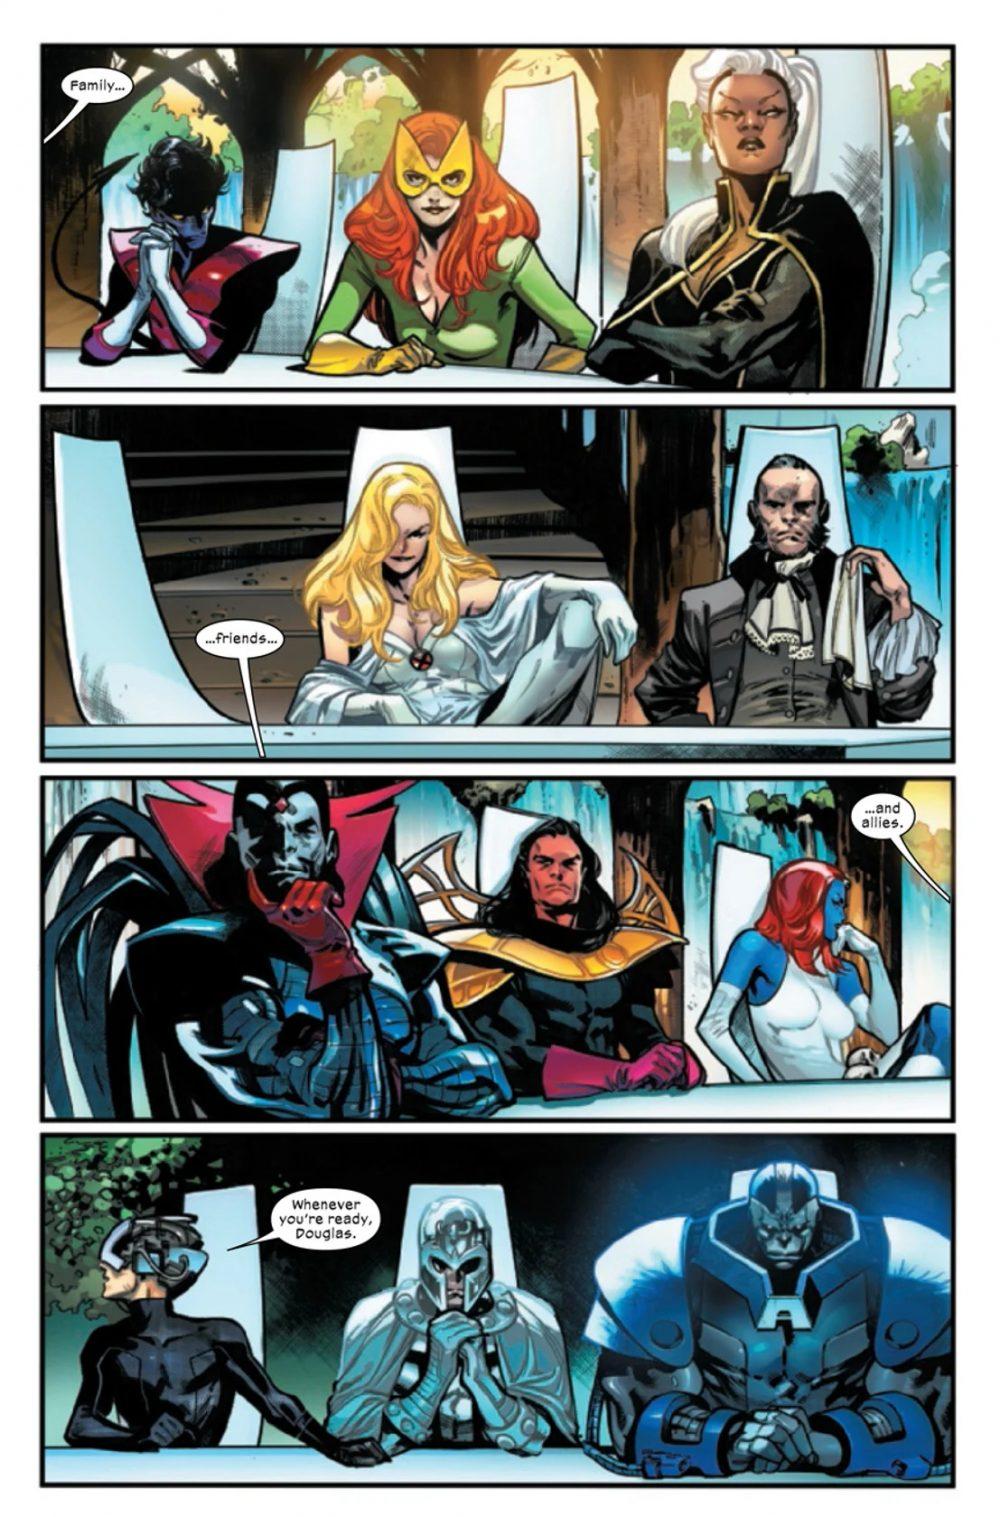 Powers of X #5, anteprima 02